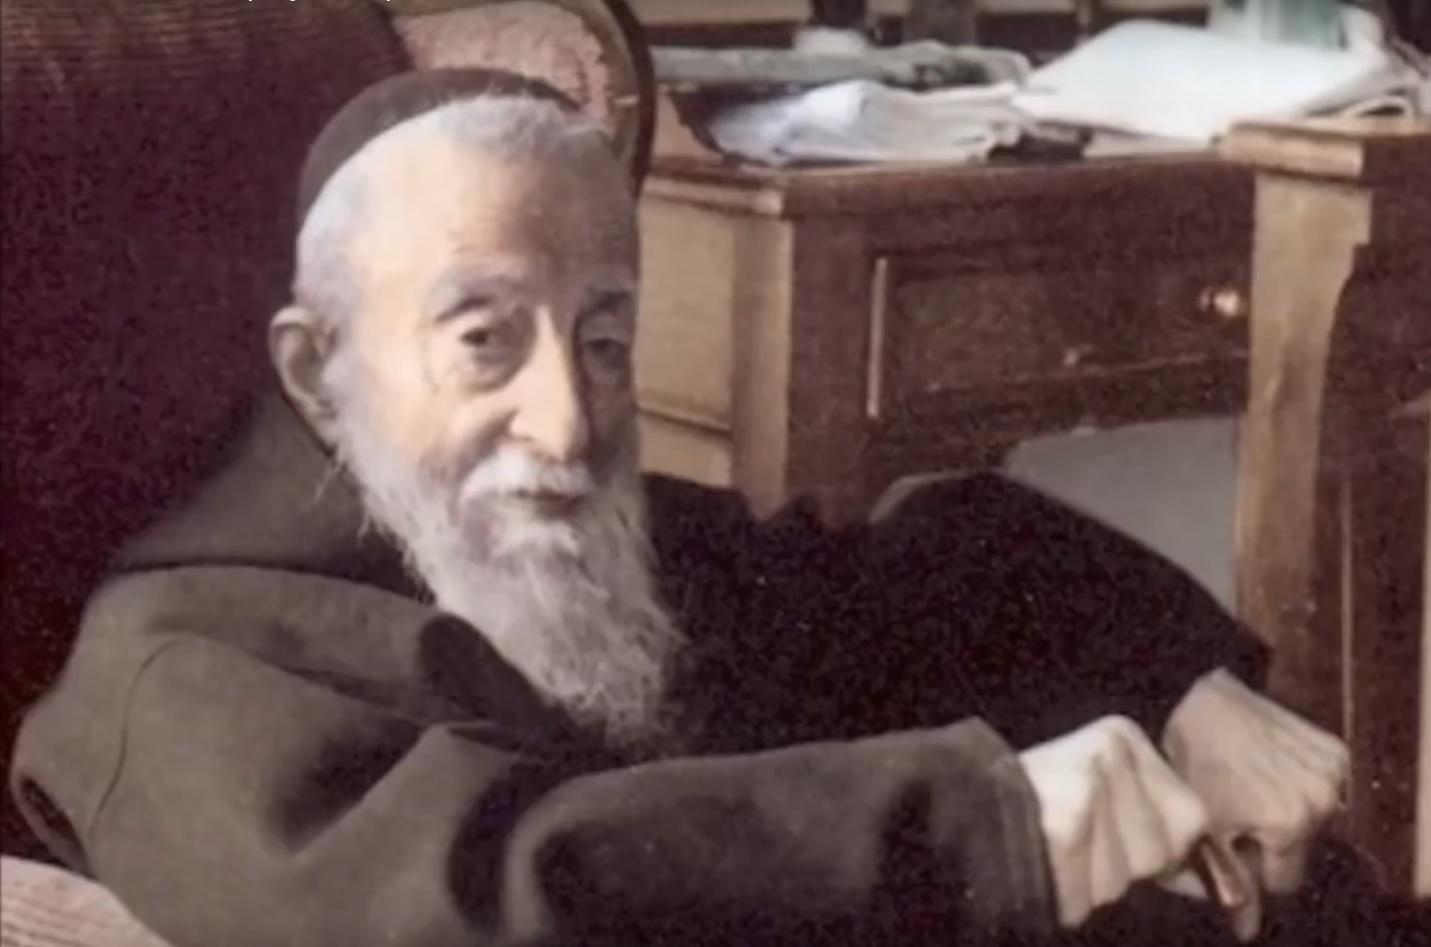 VIDEO: OPET U HRVATSKOJ - Vjernici strpljivo čekali da bi dotaknuli lijes svetog Leopolda Mandića